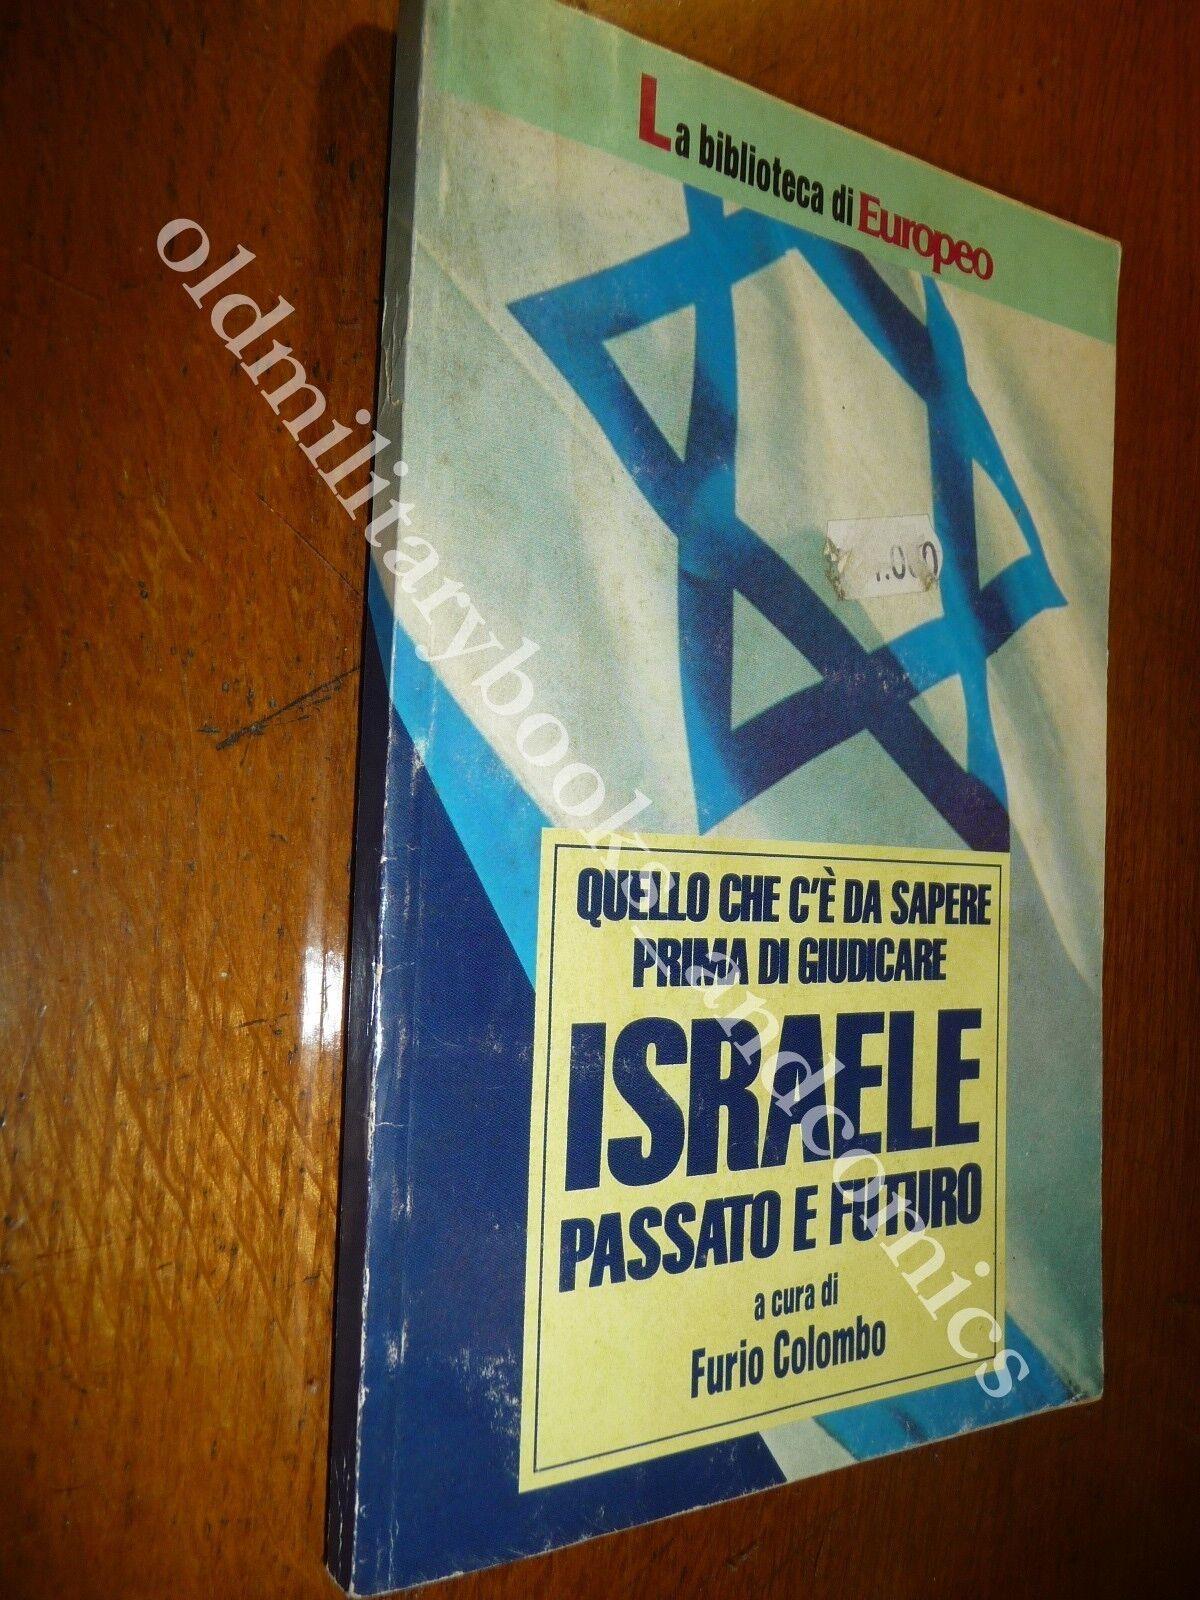 ISRAELE PASSATO E FUTURO QUELLO CHE C'E DA SAPERE PRIMA DI GIUDICARE ISRAELE